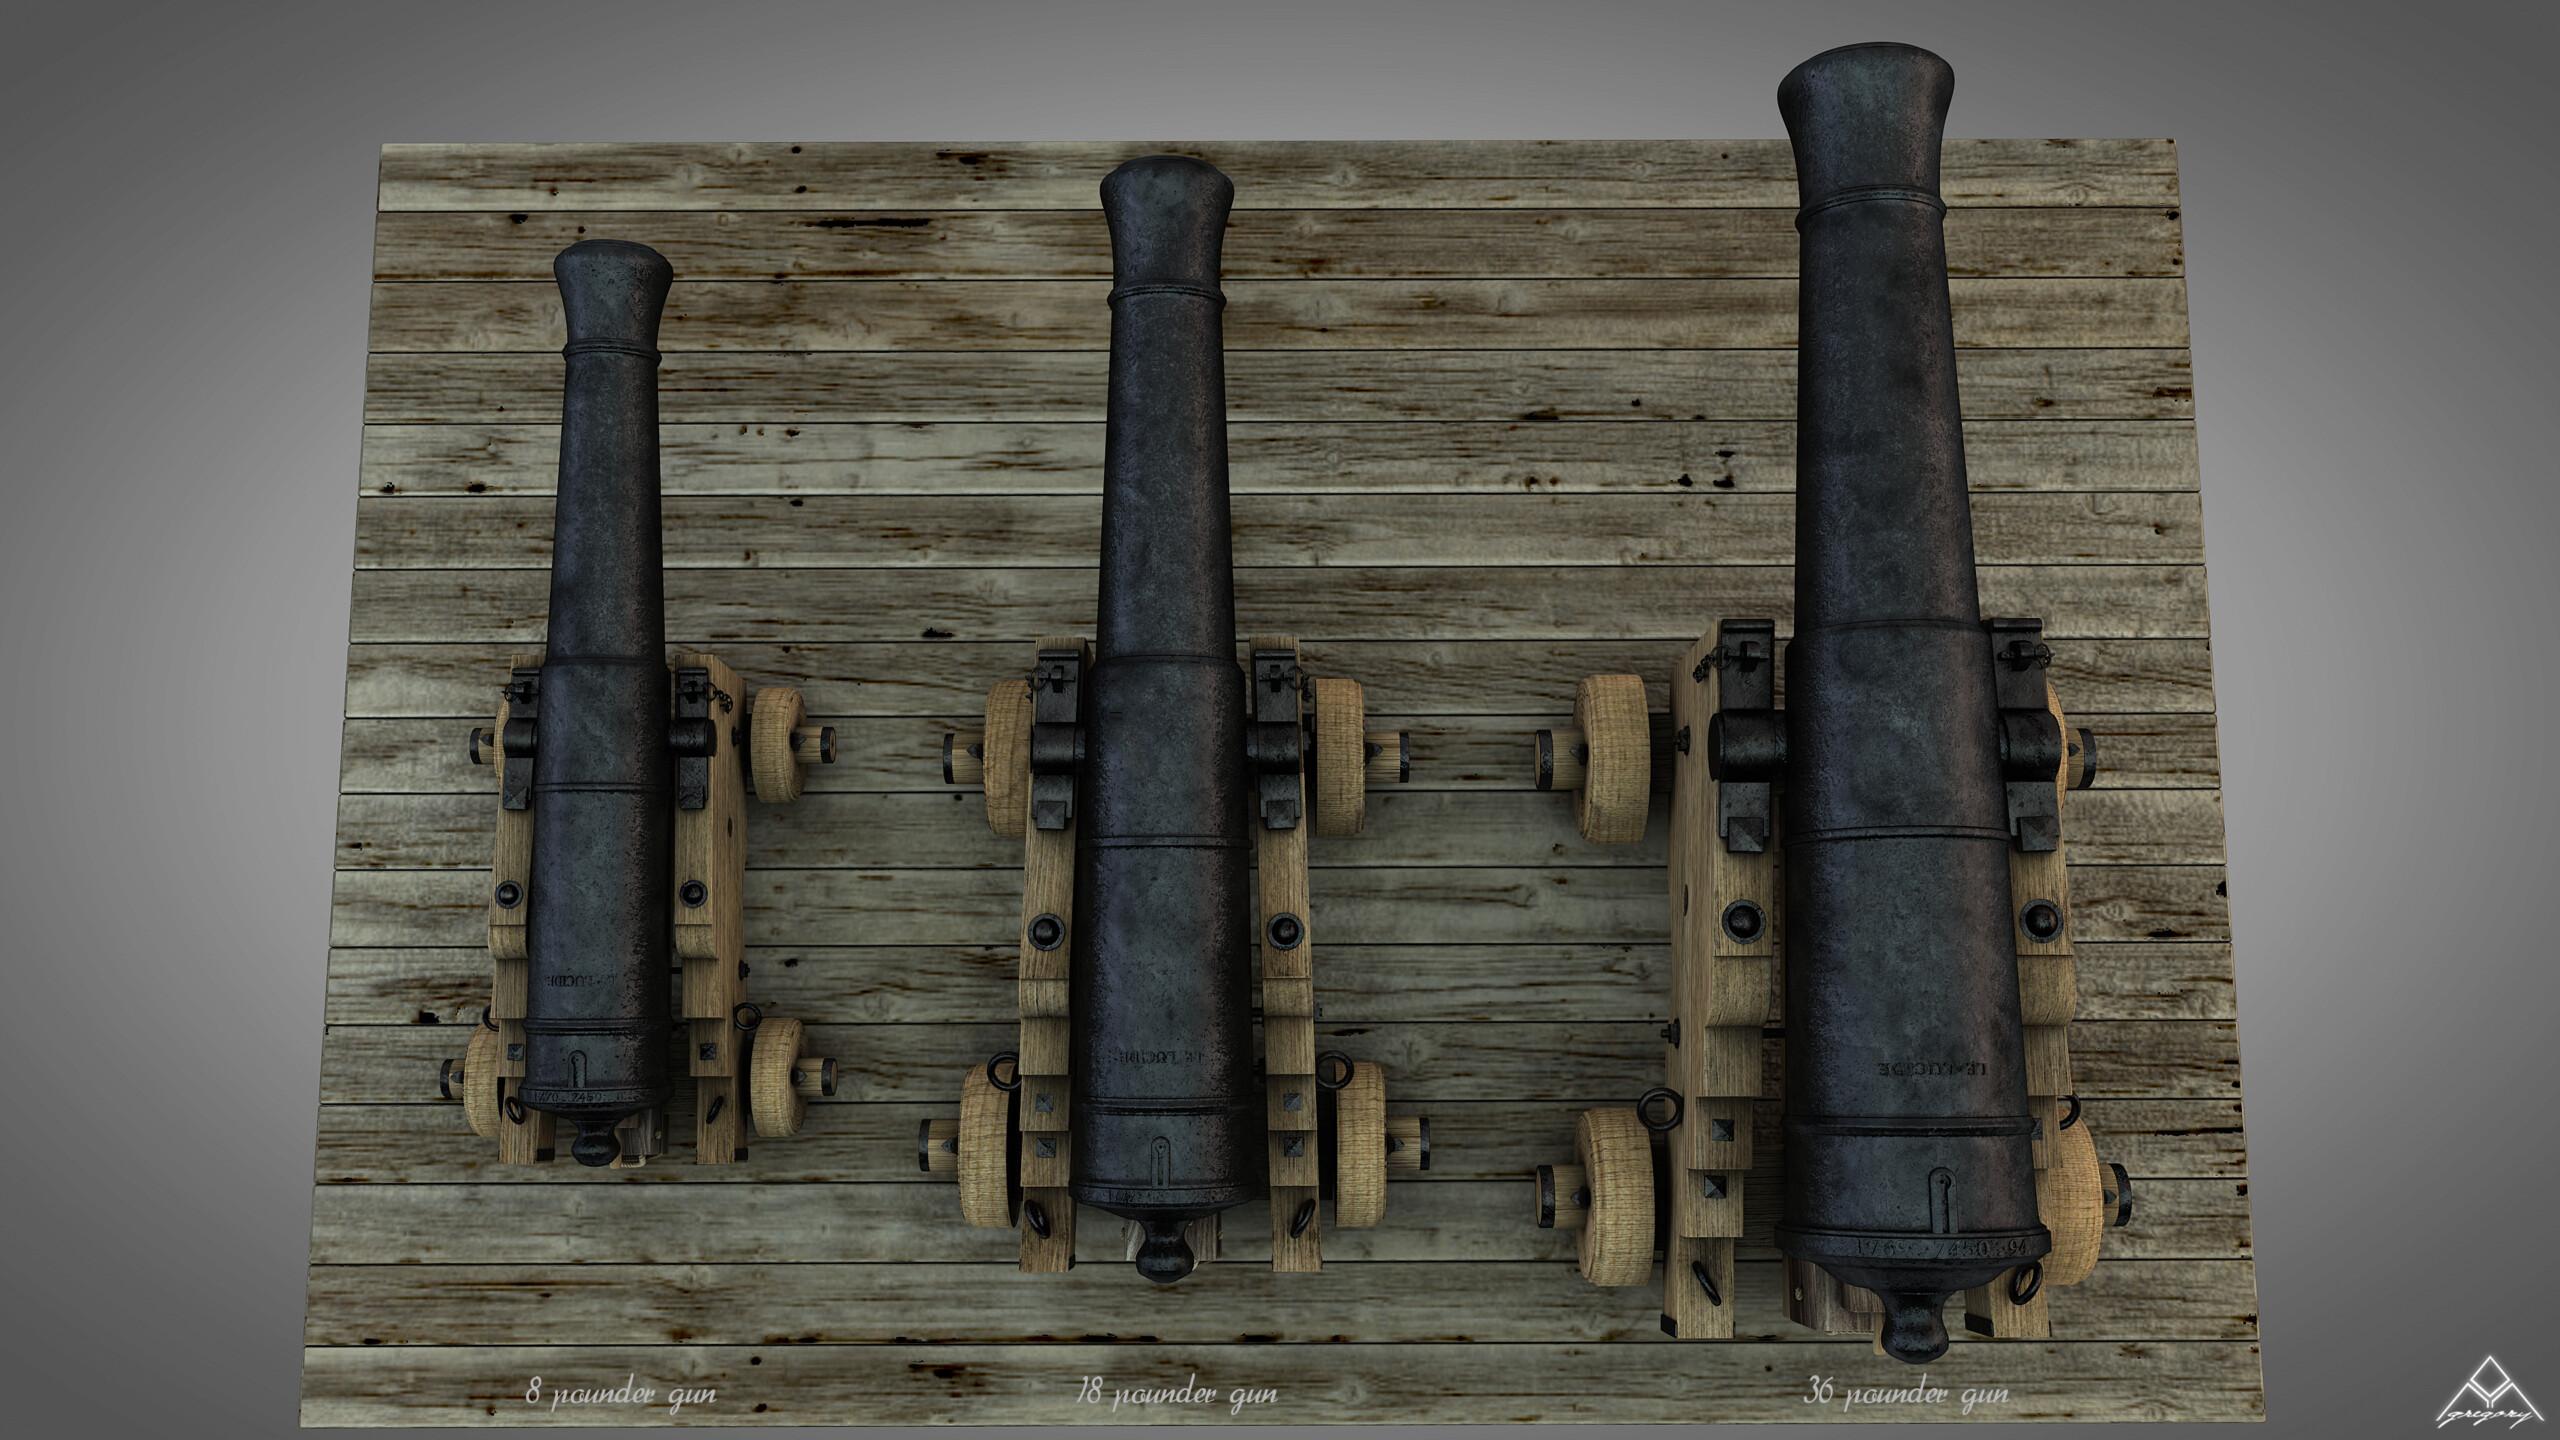 Canons pour le vaisseau de 74 canons - Page 10 Ensemb52